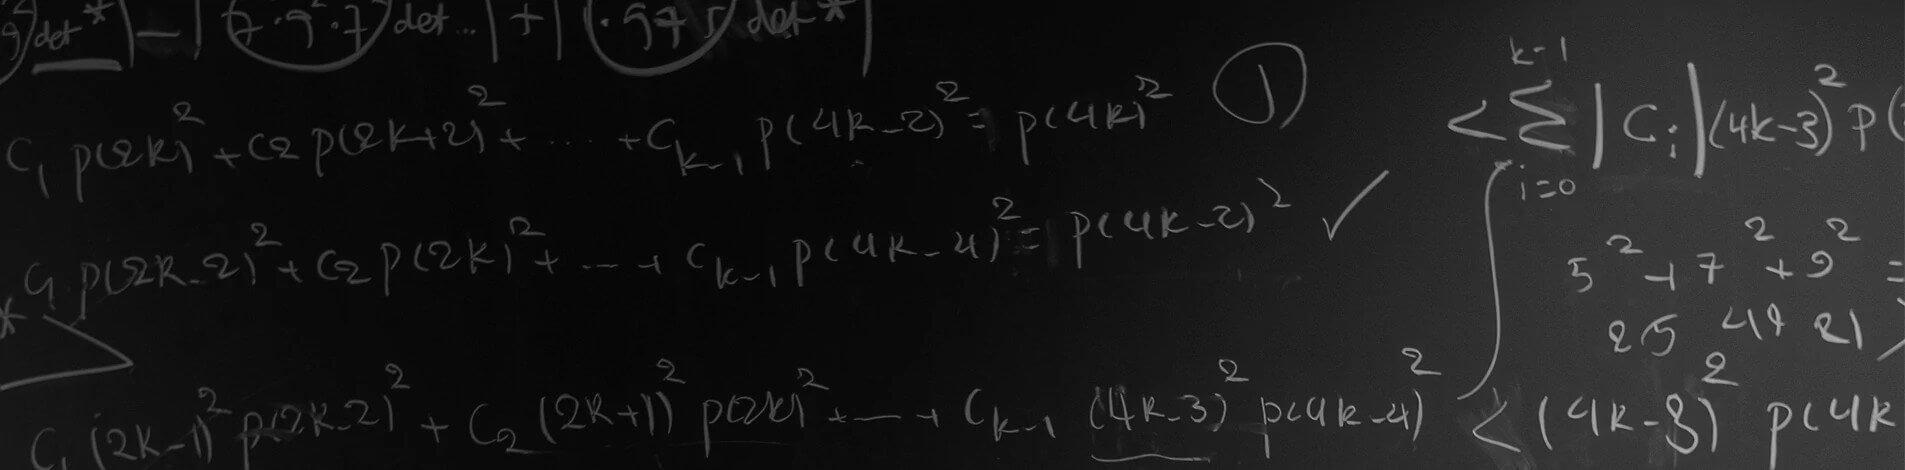 Blackboard showing formula